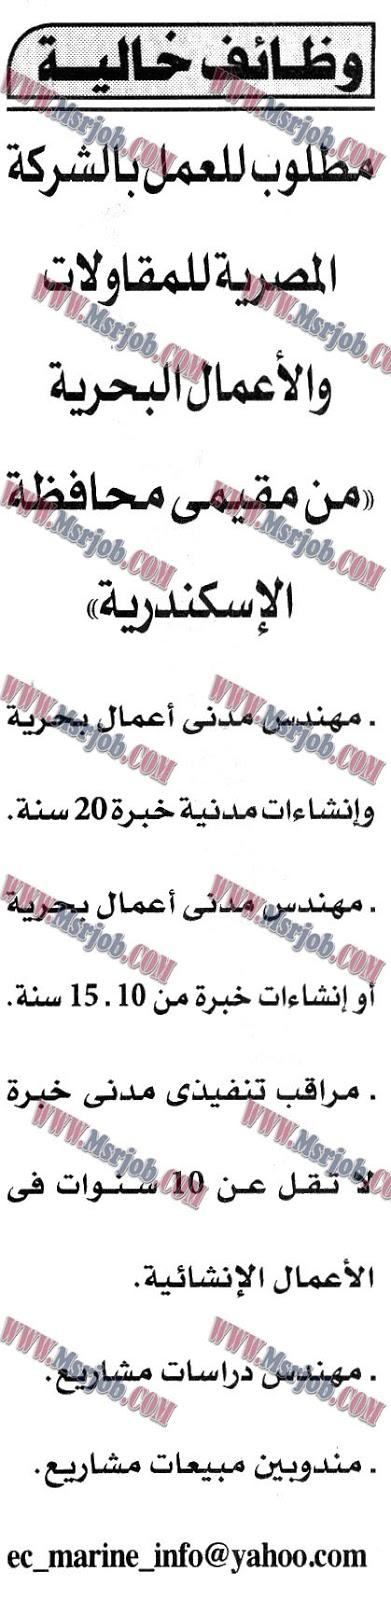 اعلان وظائف الشركة المصرية للمقاولات والاعمال البحرية منشور بالاهرام 19 / 6 / 2018